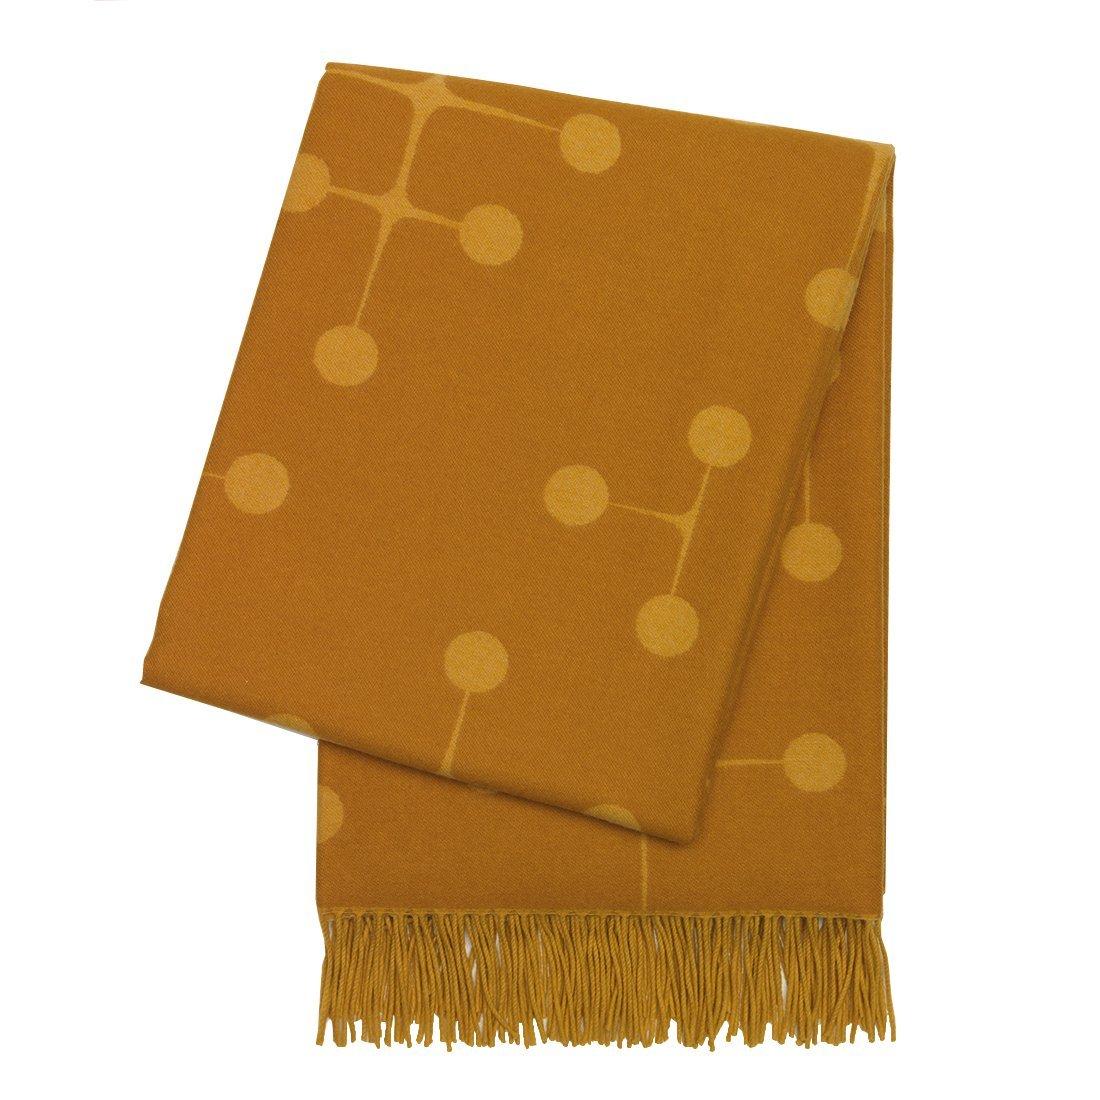 Vitra Eames Wool Deken Mustard